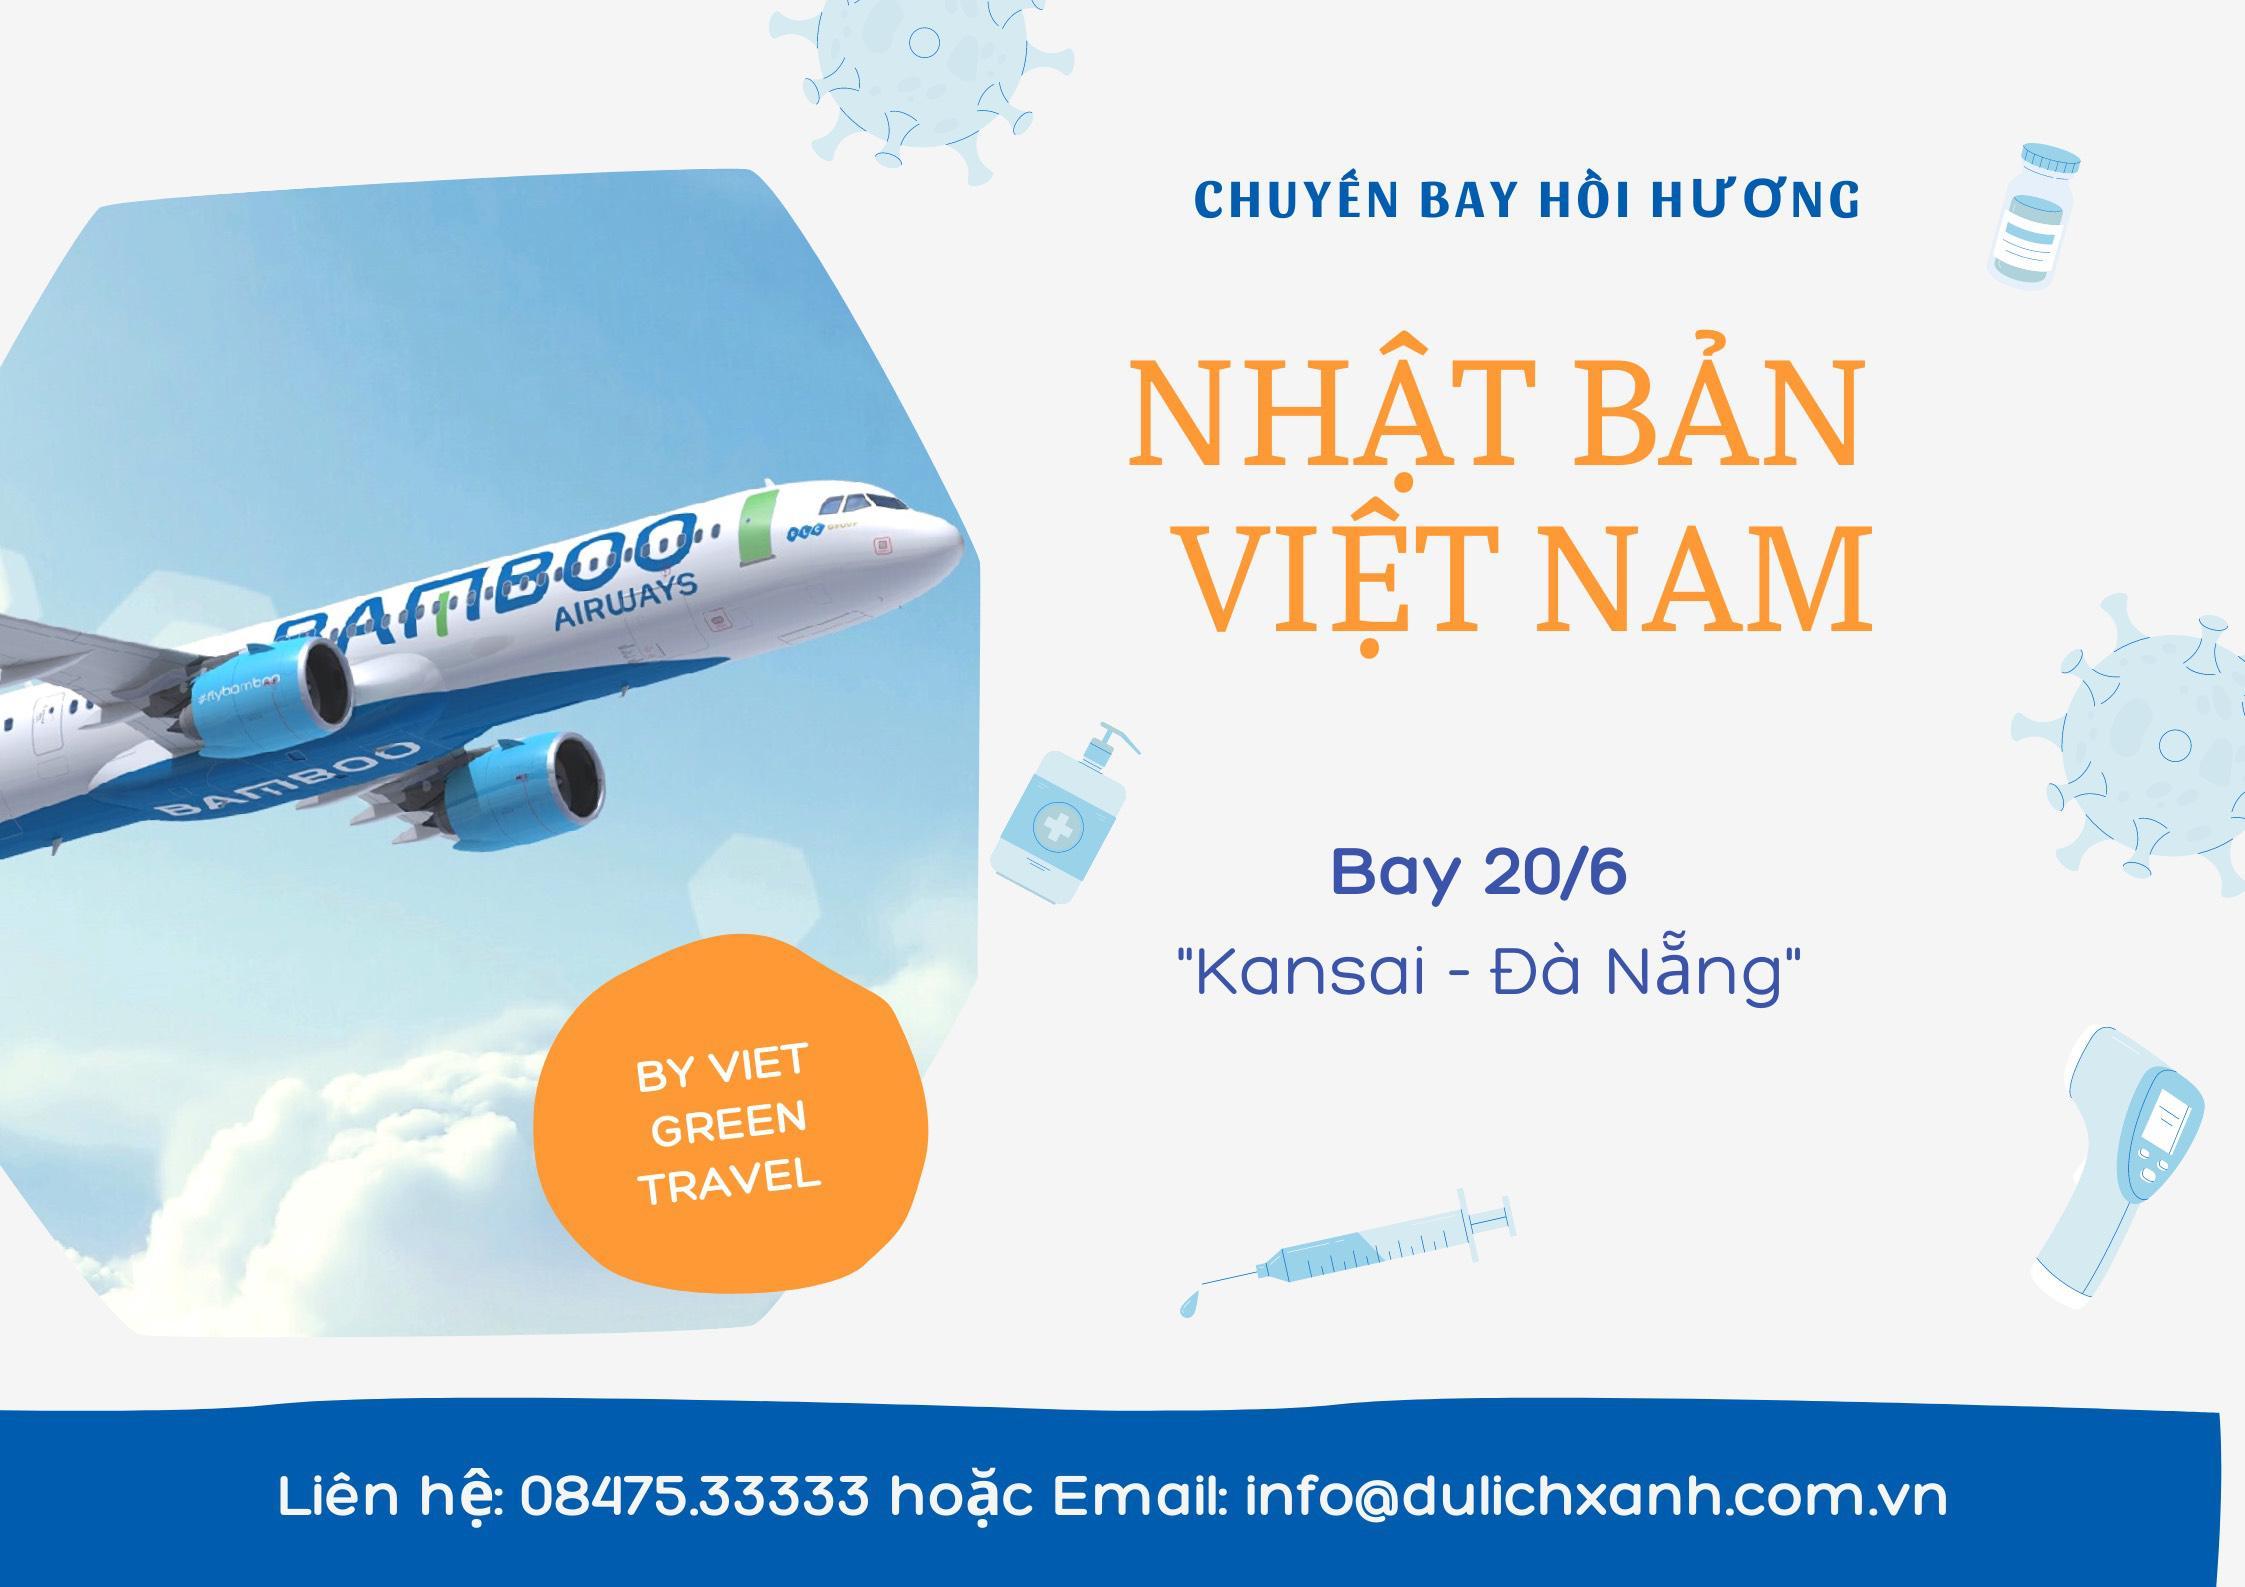 Bay Bamboo nhập cảnh từ Nhật Bản + Cách ly 21 ngày